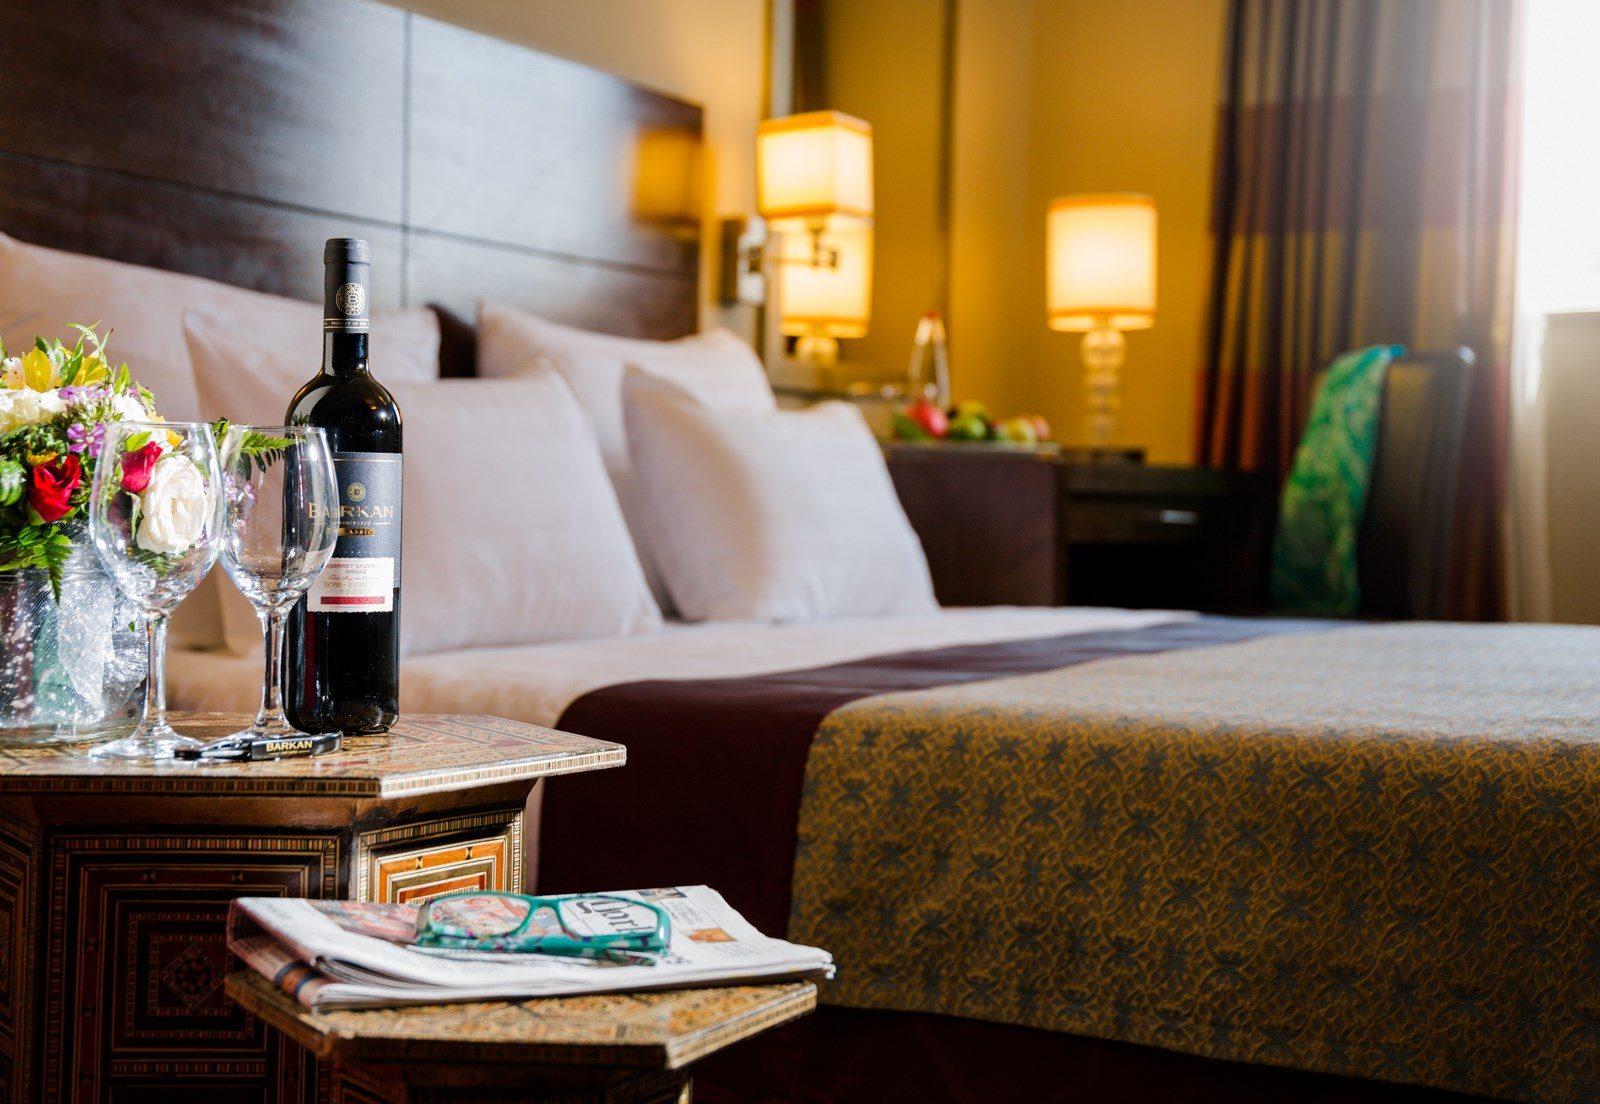 פרחים ויין לצד המיטה